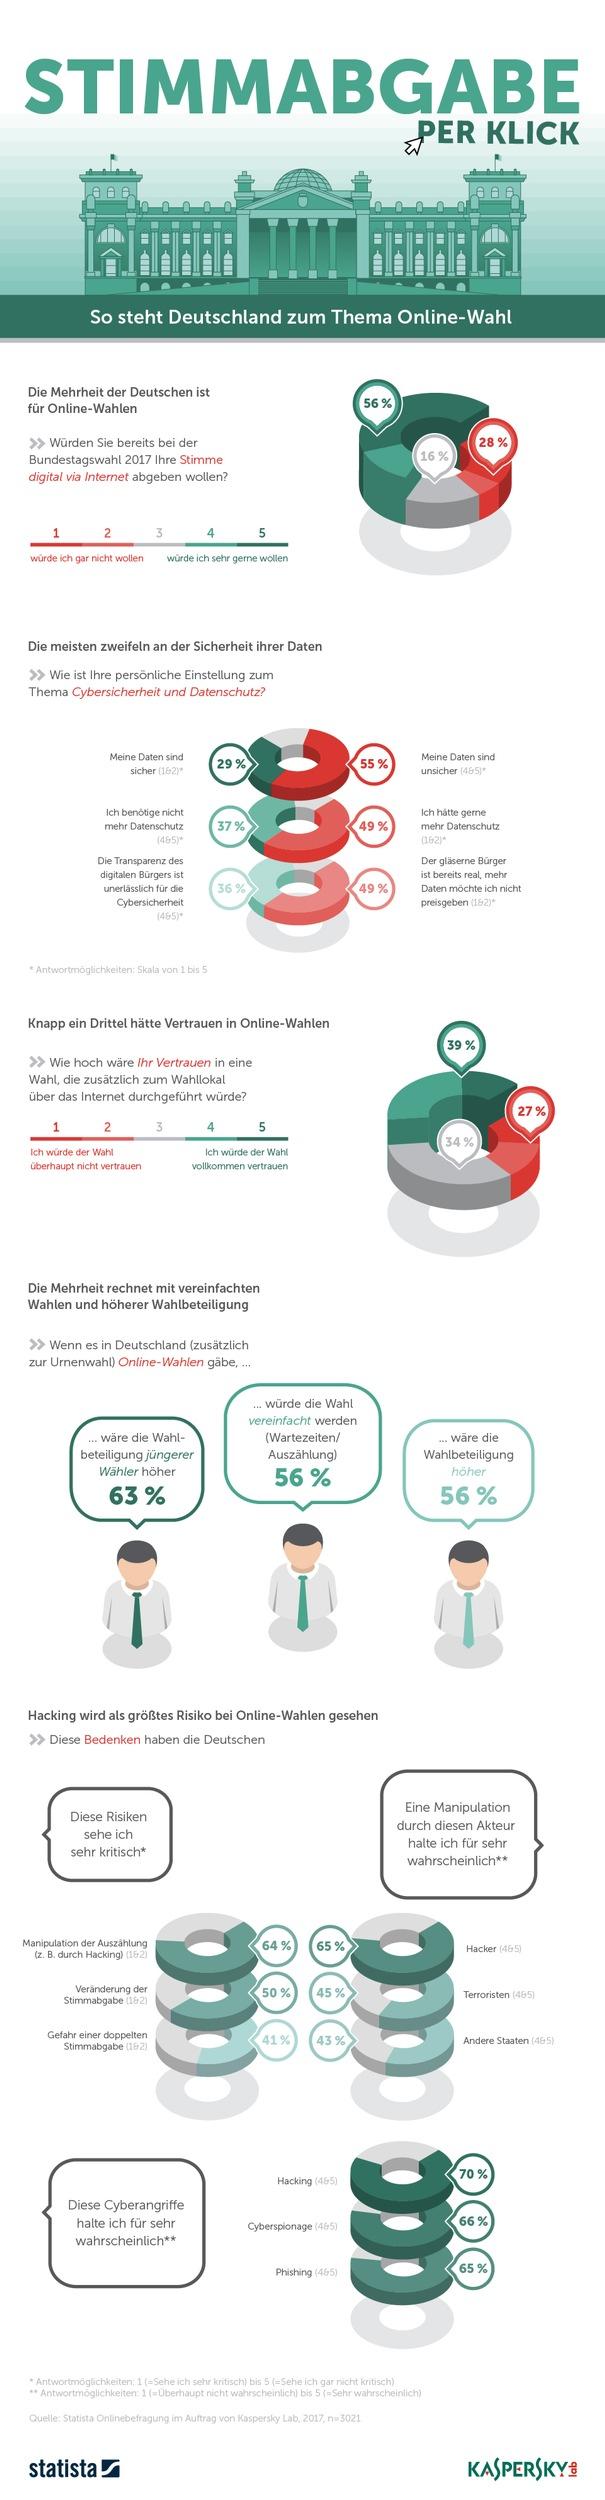 Bundestagswahl 2017: Jeder zweite Deutsche würde gerne über das Internet wählen